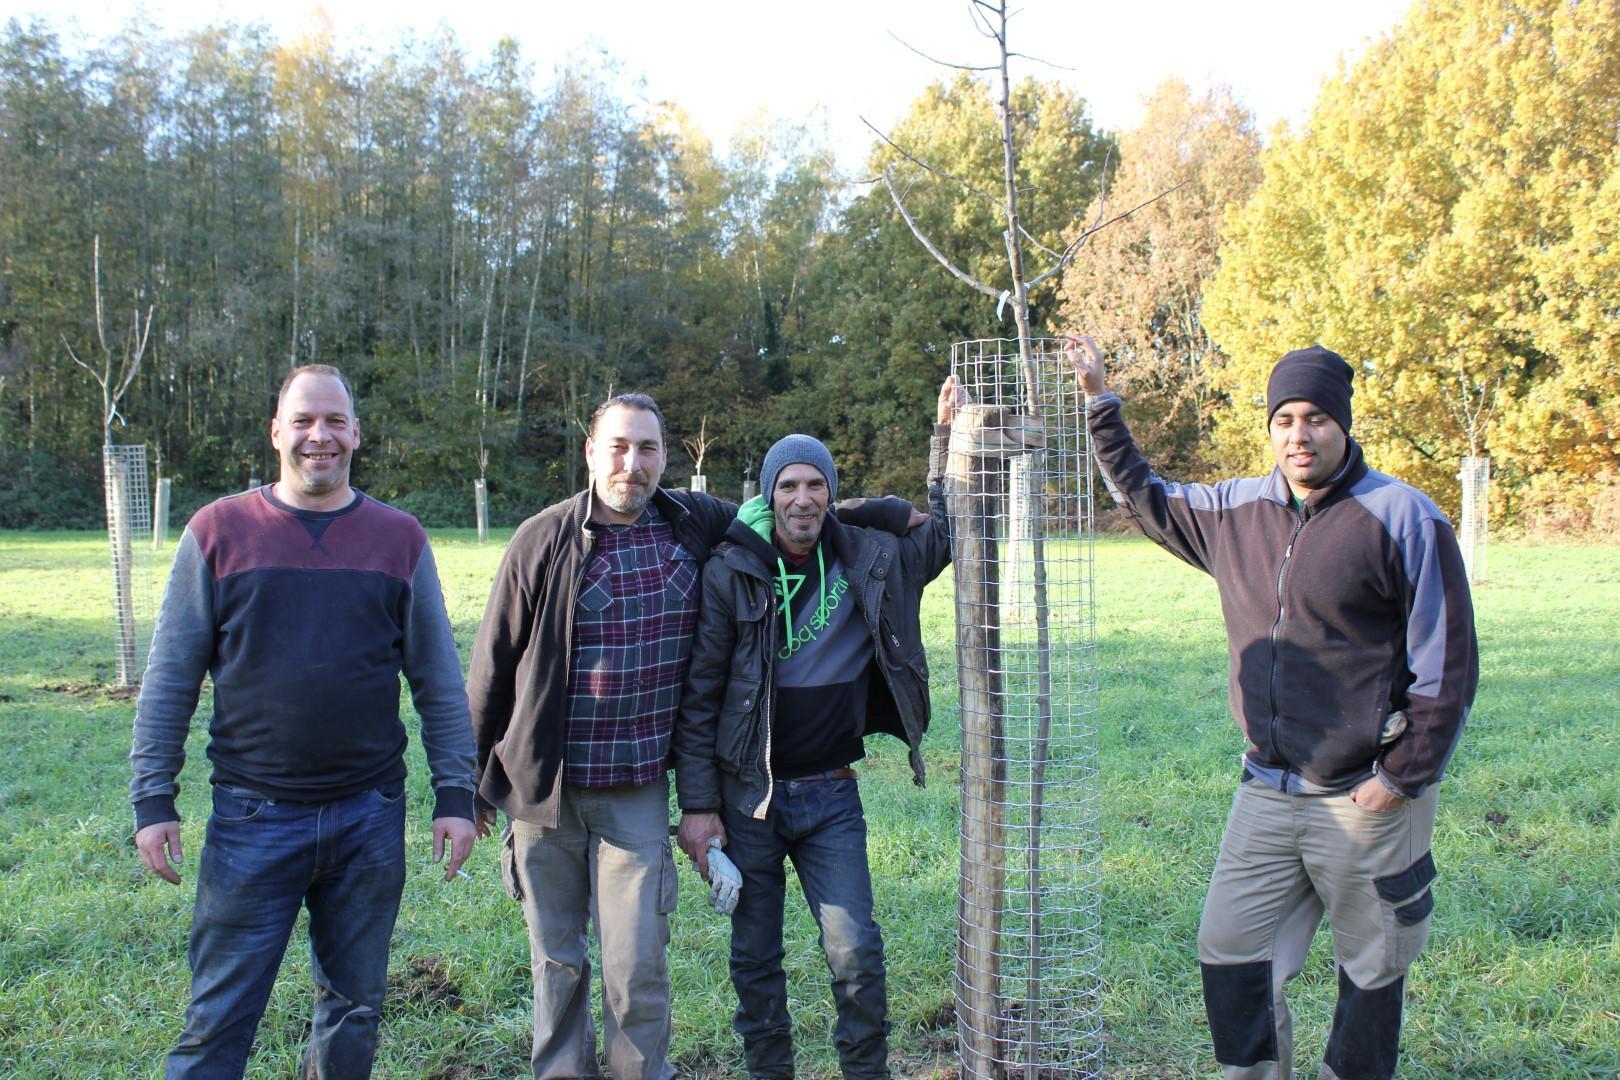 Aanplanting fruitbomen in Raambeekvallei